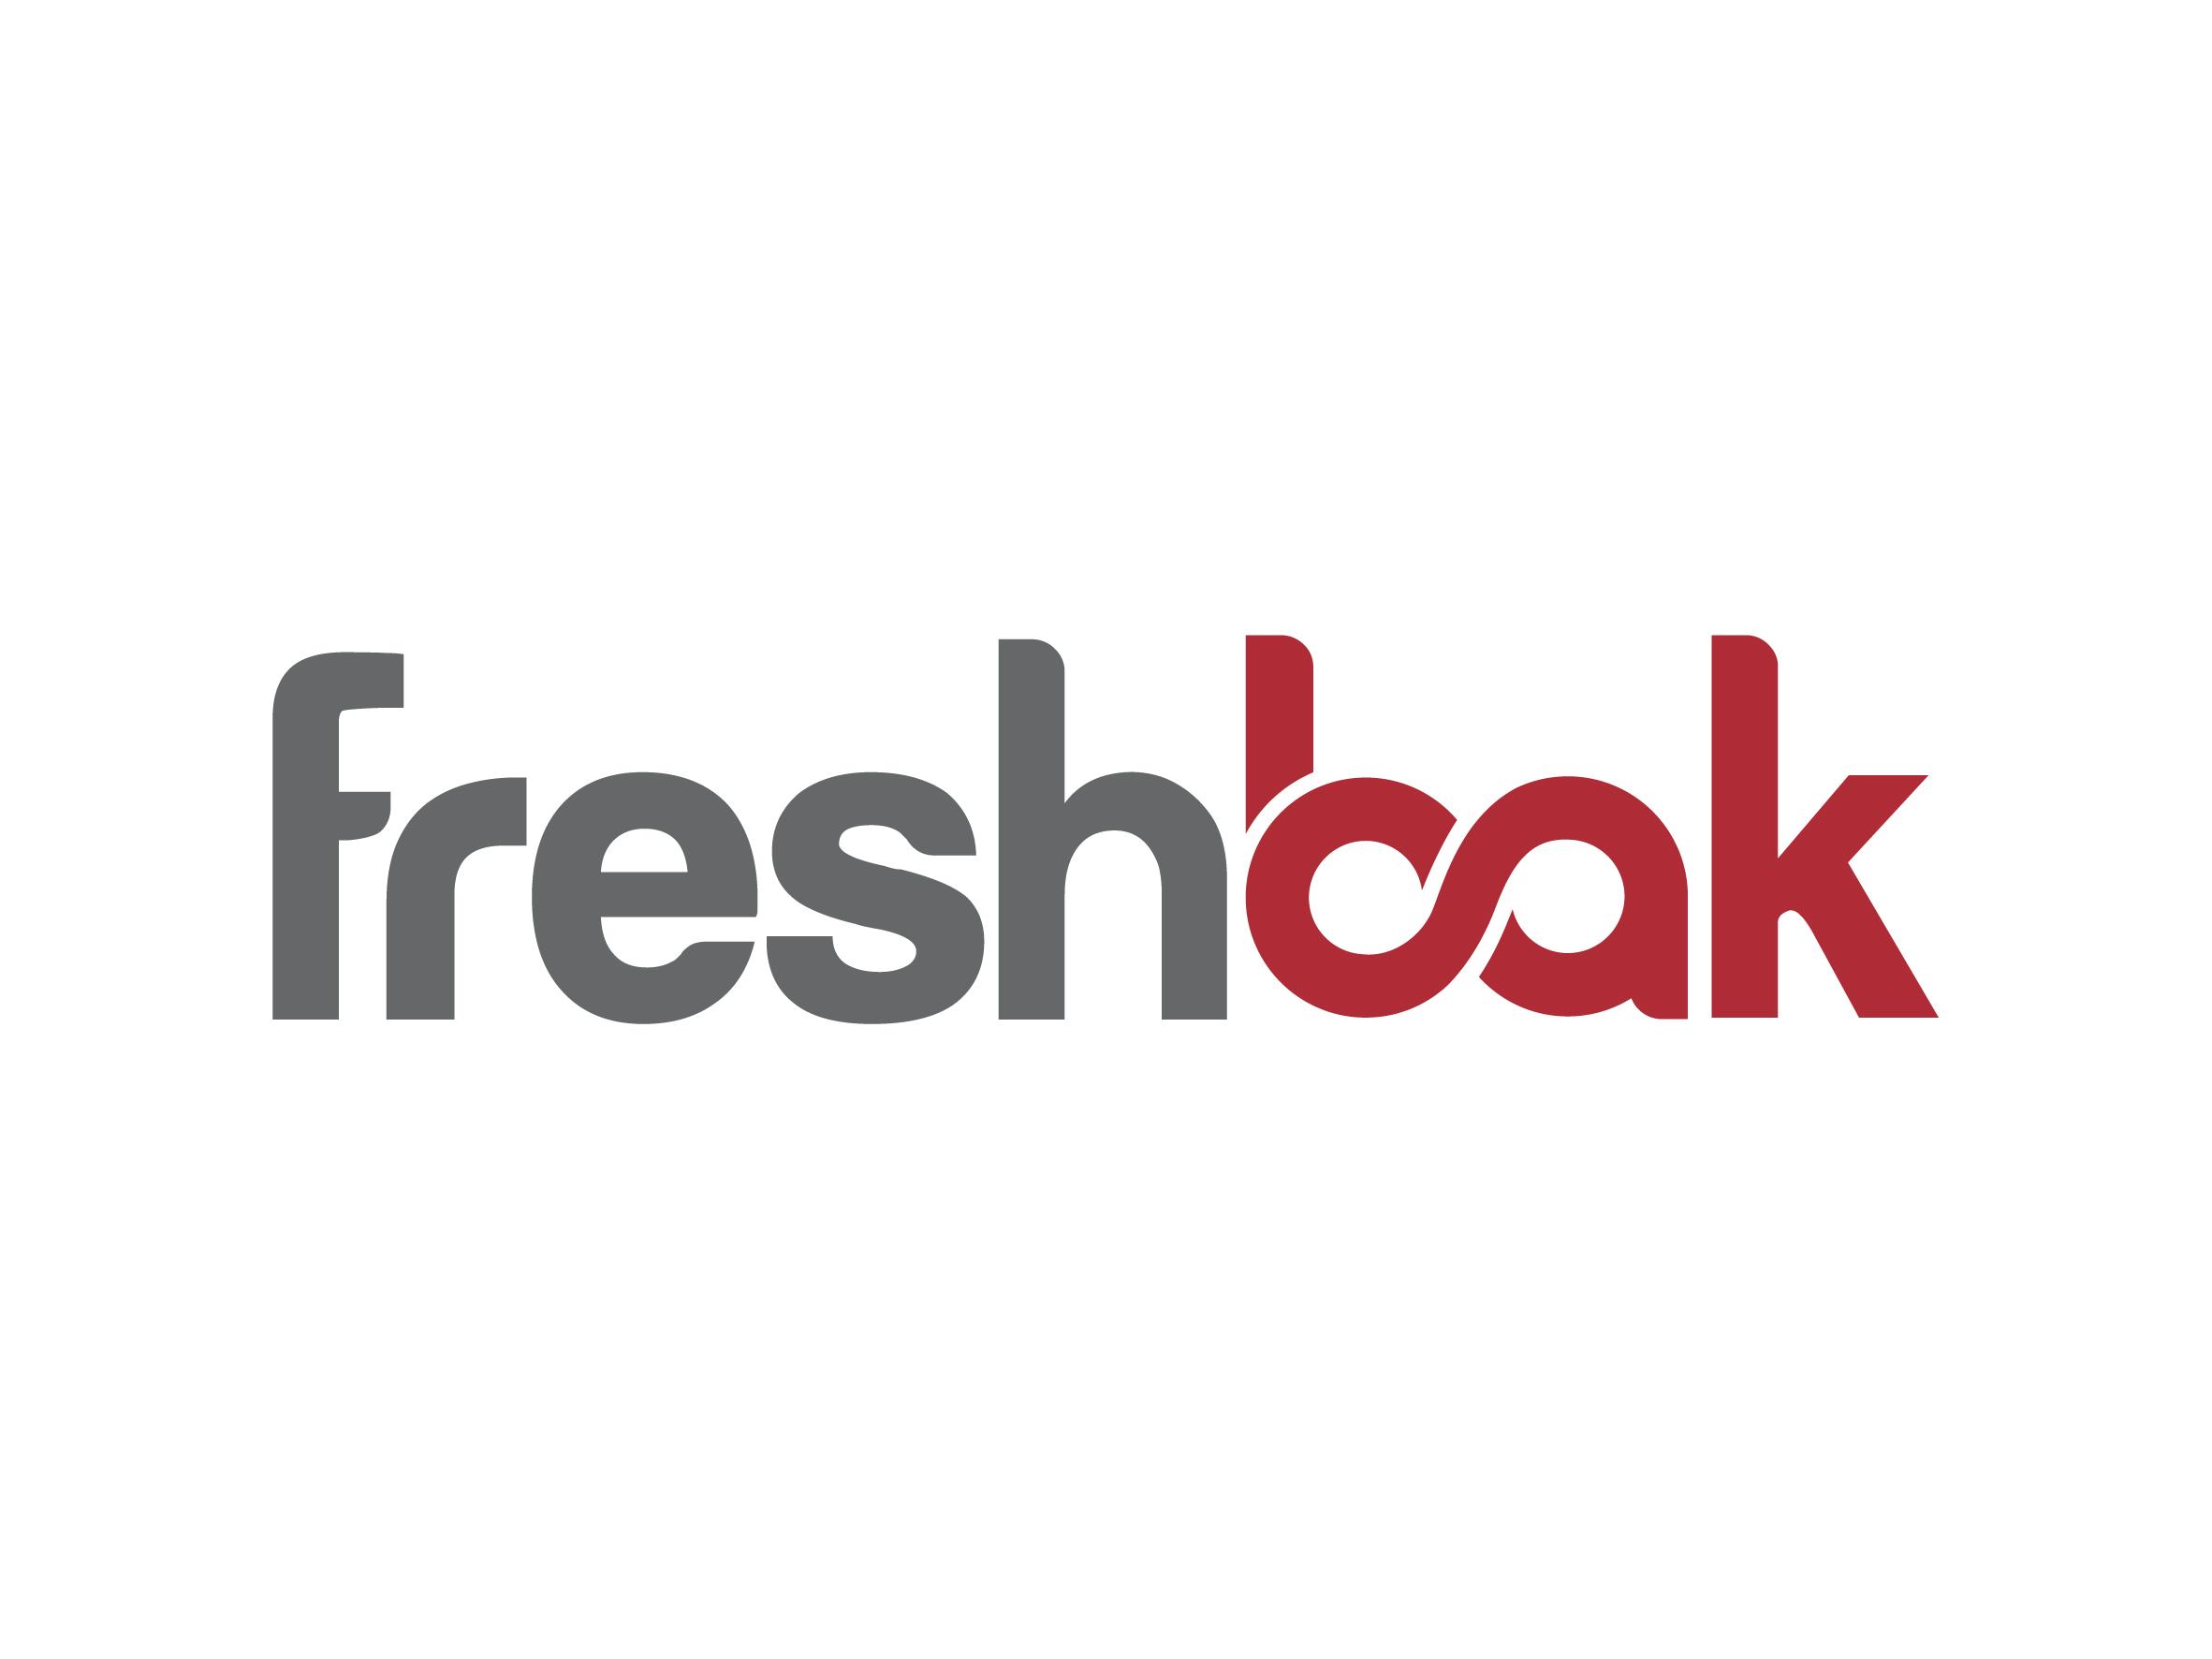 freshbak-logo-01.jpg